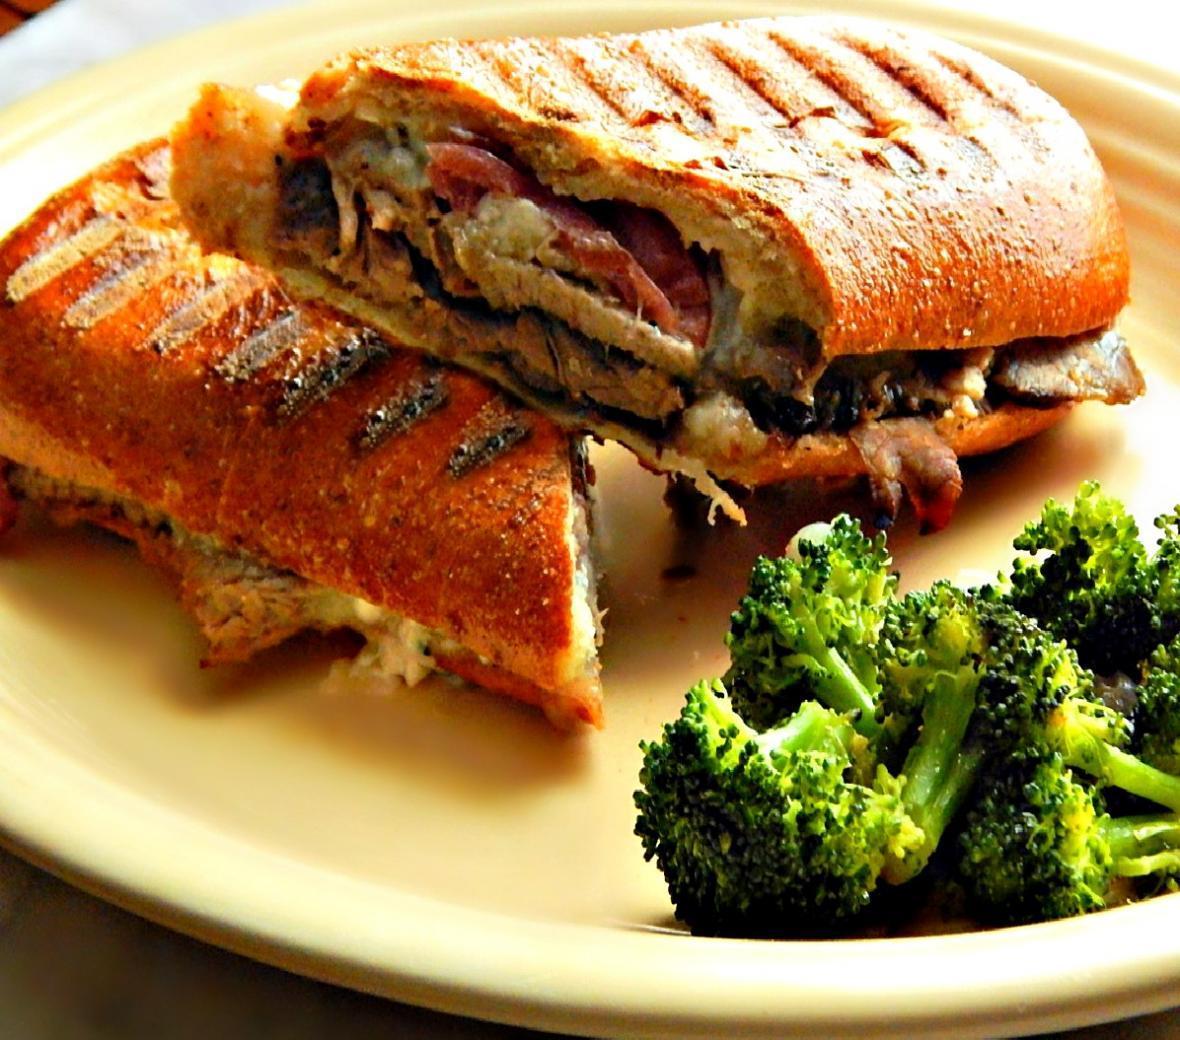 طرز تهیه ساندویچ پنینی مرغ در ماهیتابه بدون فر و دستگاه ساندویچ ساز